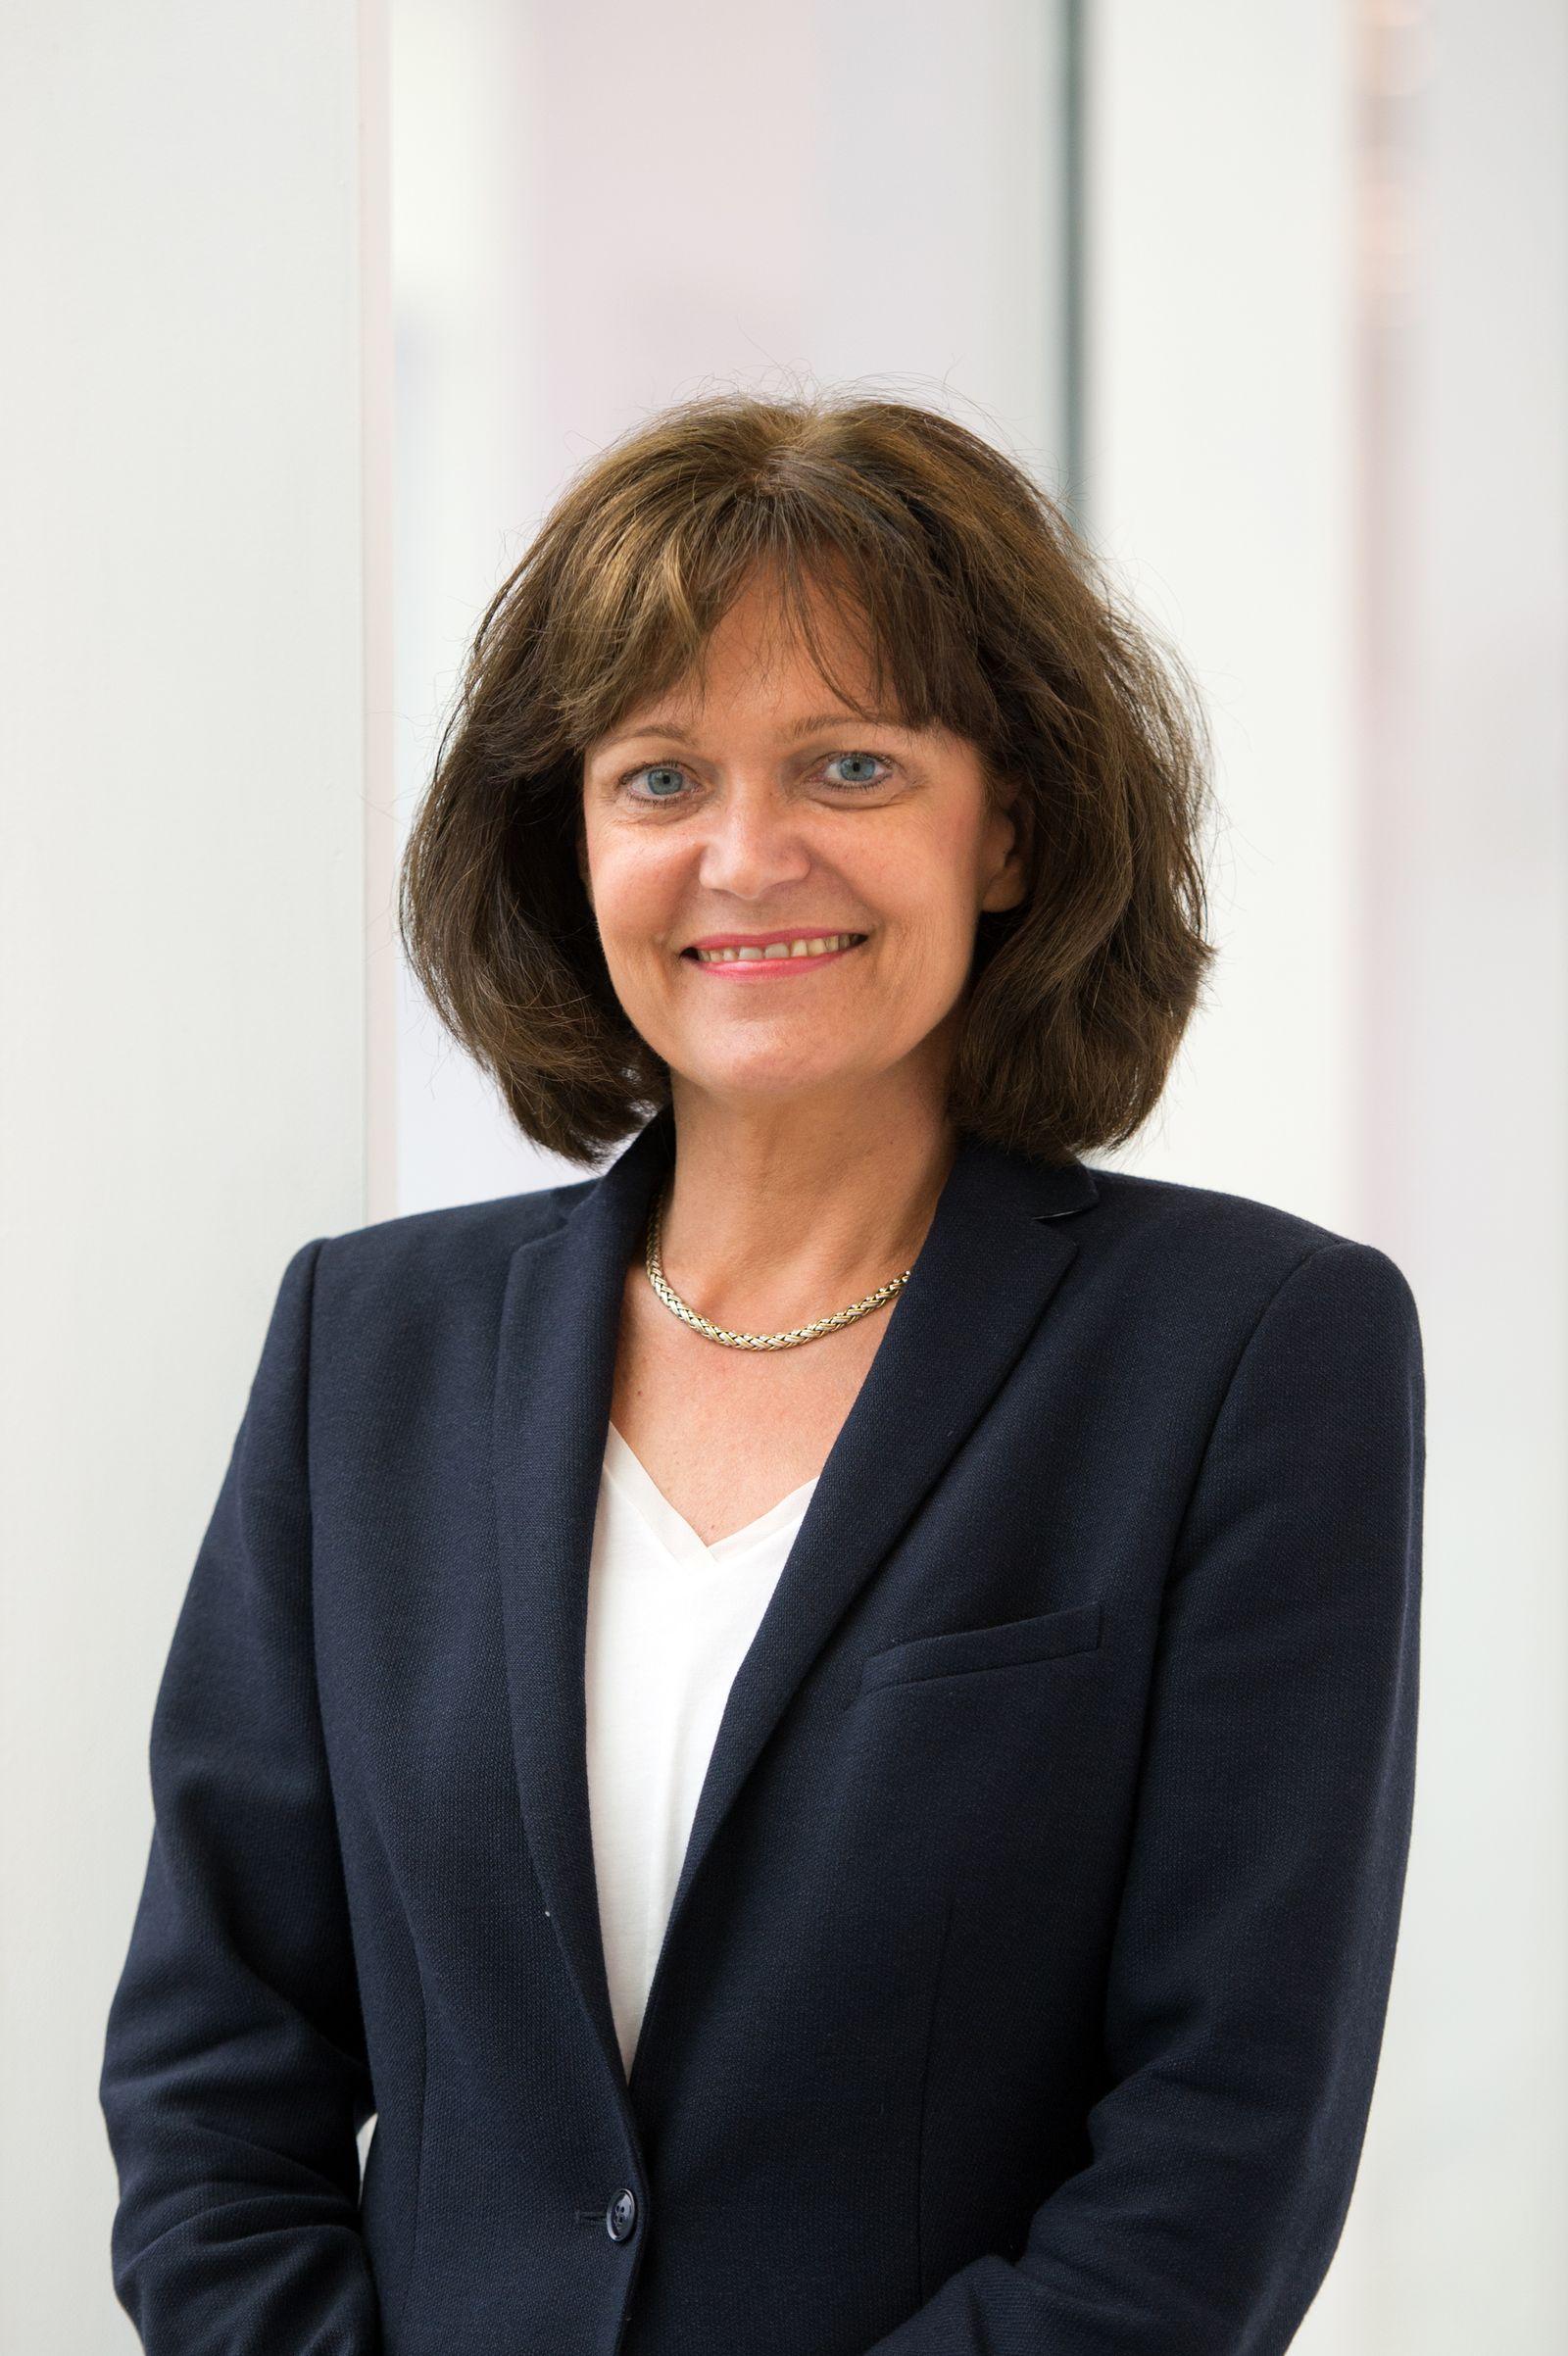 Deutscher Städtetag Eva Lohse